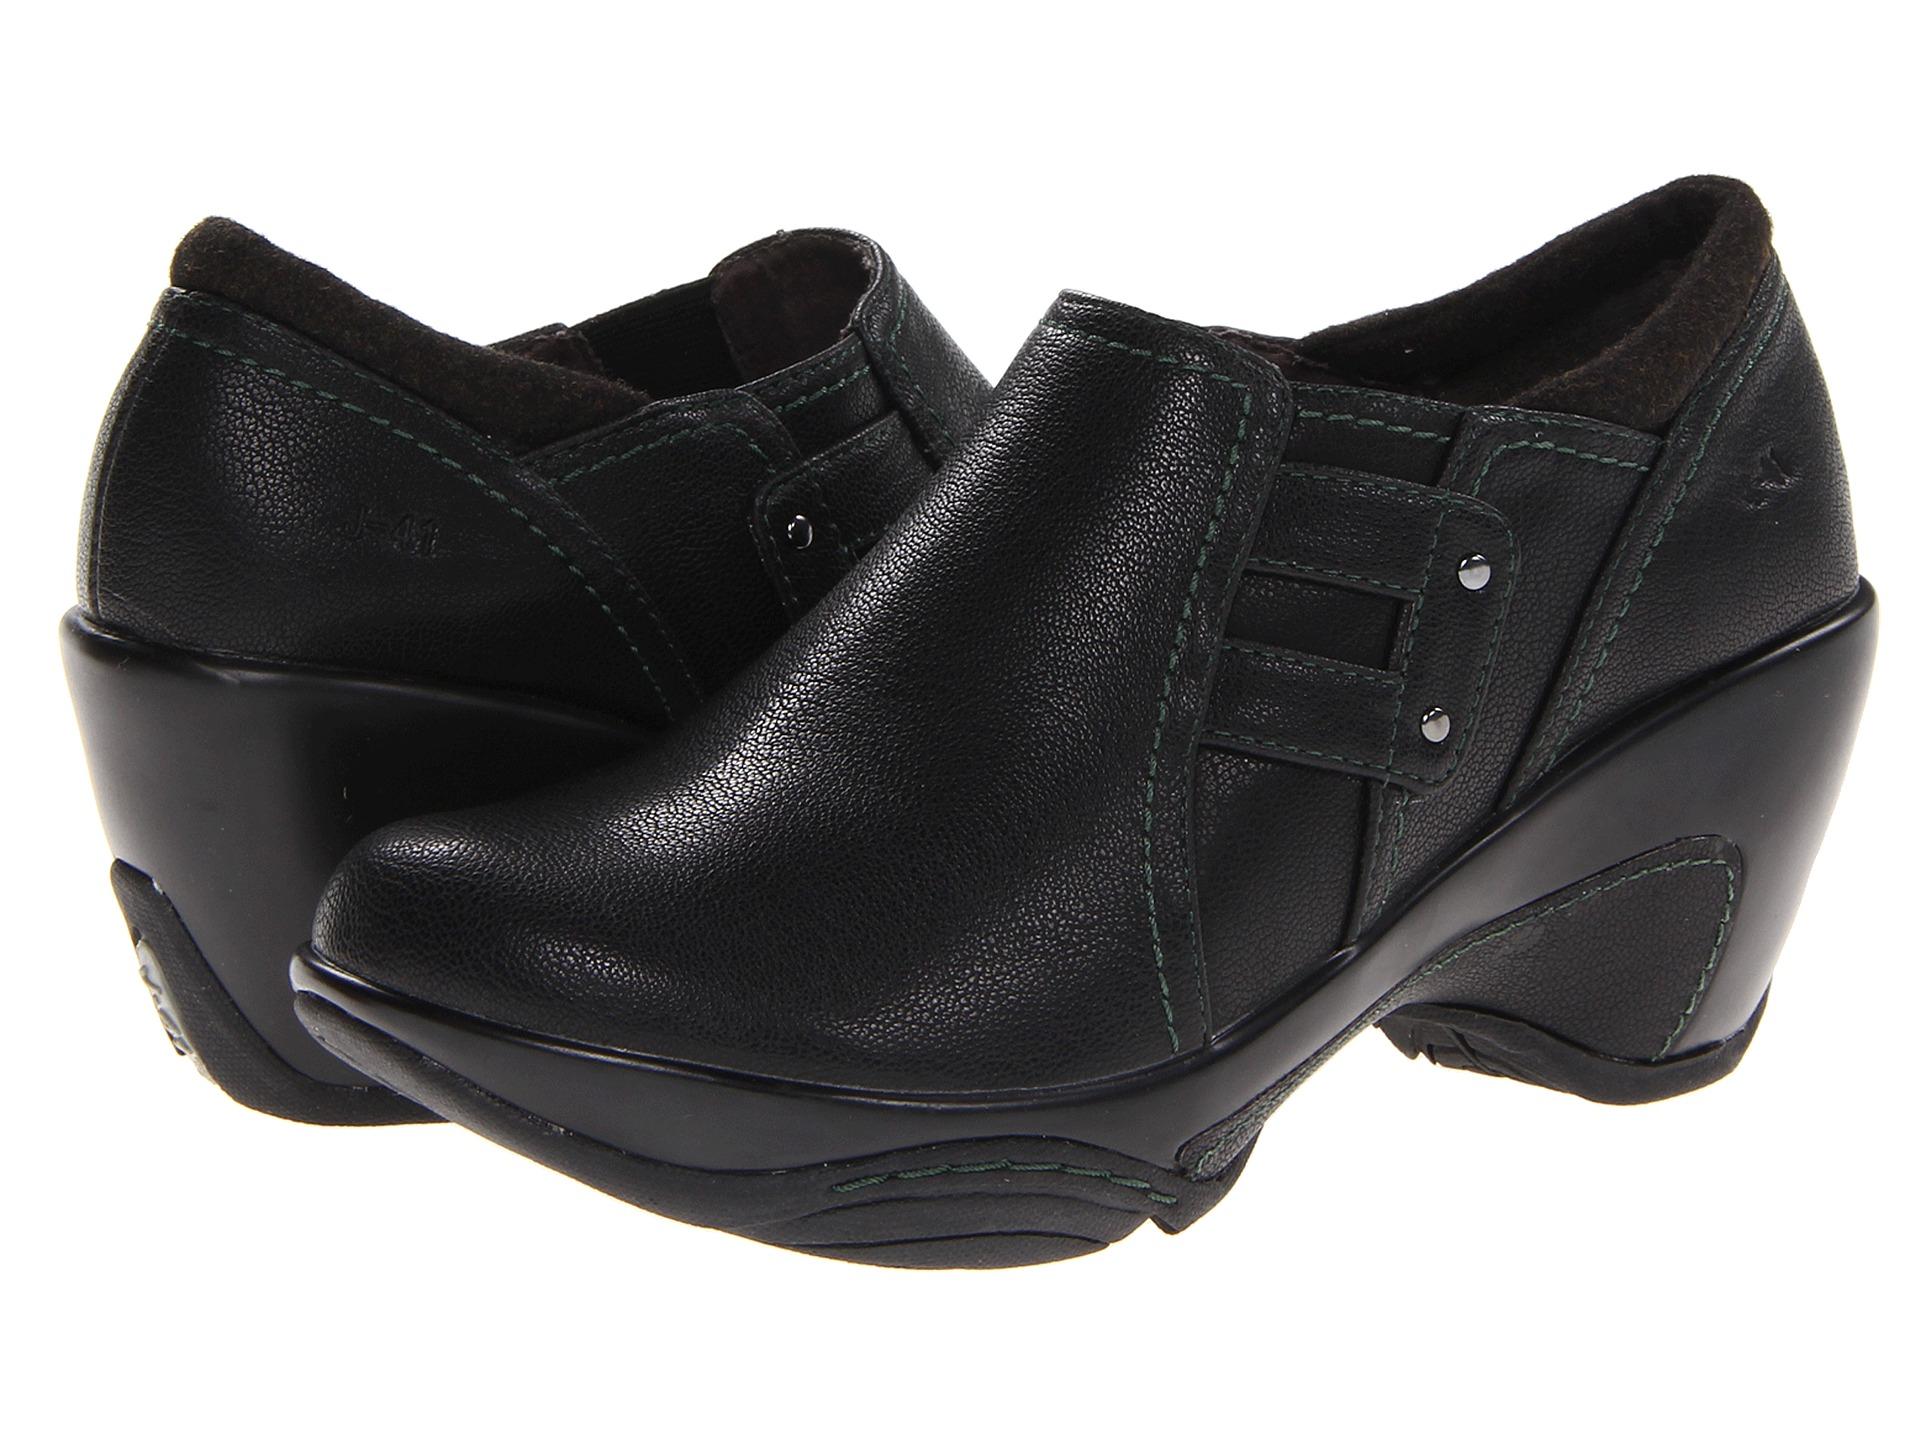 j 41 naples boots for men - photo#27